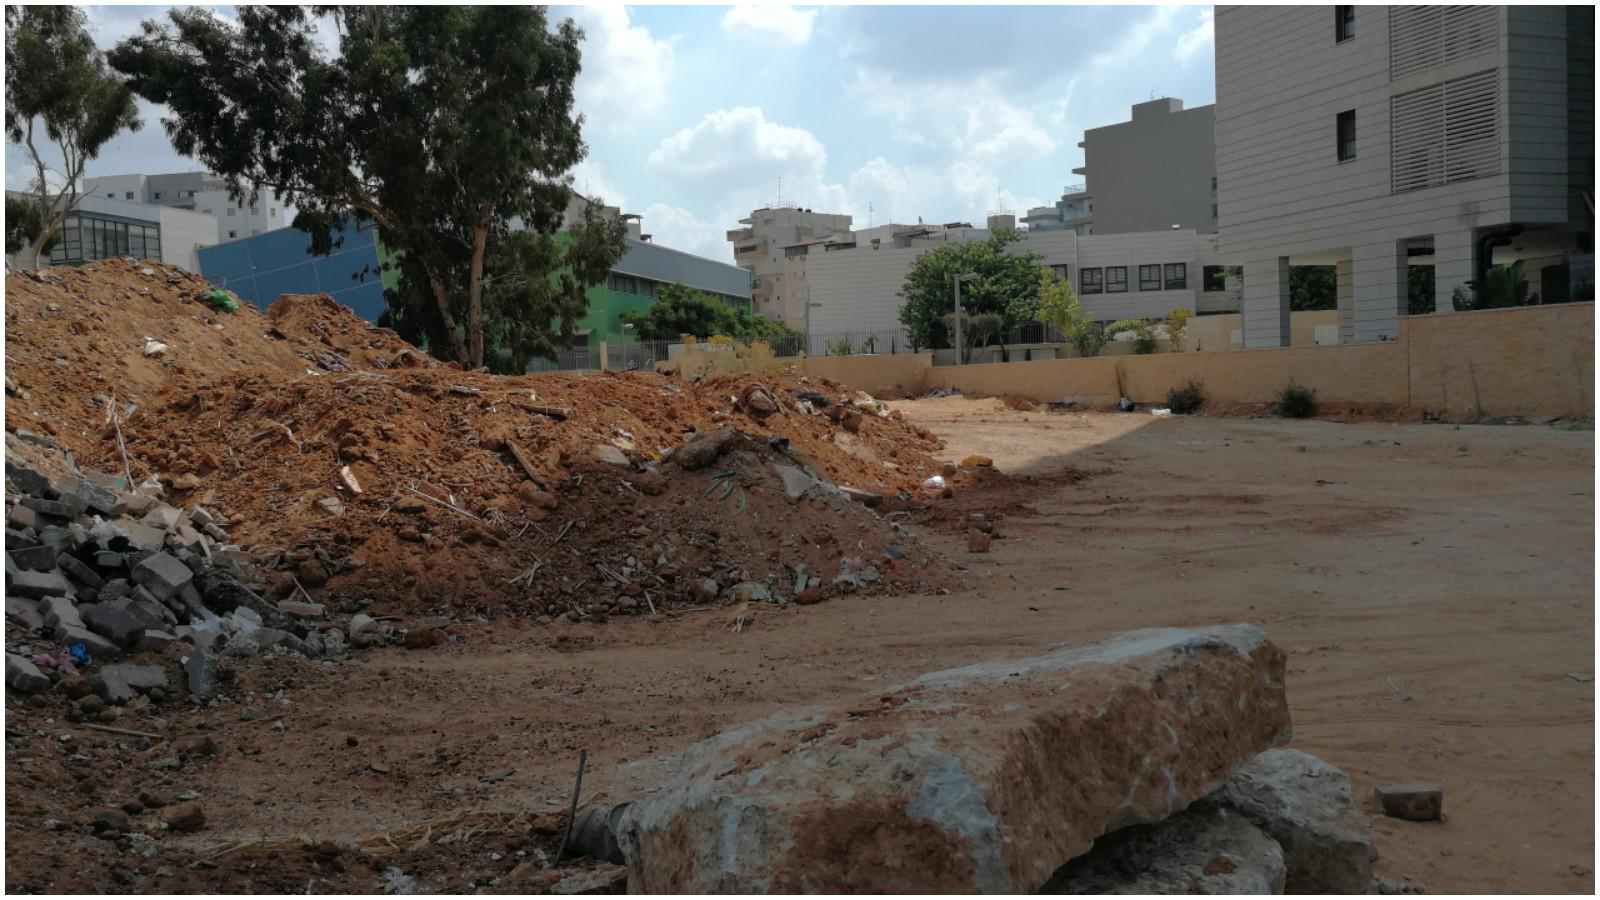 לכלוך, ערמות חול עם זבל בשכונת נווה גן ברחוב מאירי פנחס 4 פתח תקווה.